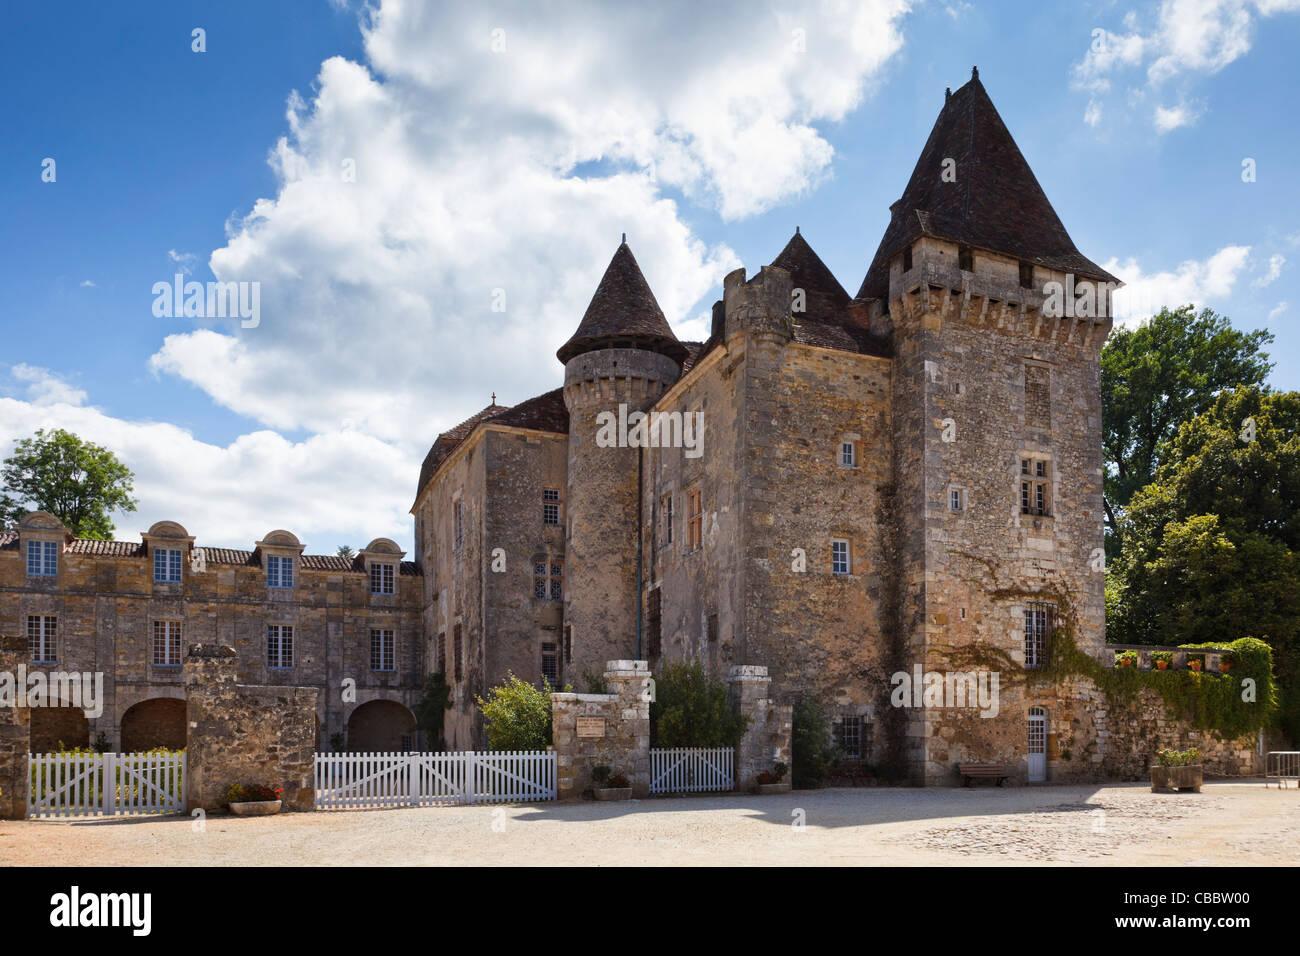 Dordogne - Chateau de la Marthonie in Saint Jean de Cole, Perigord Vert, Dordogne, France - Stock Image